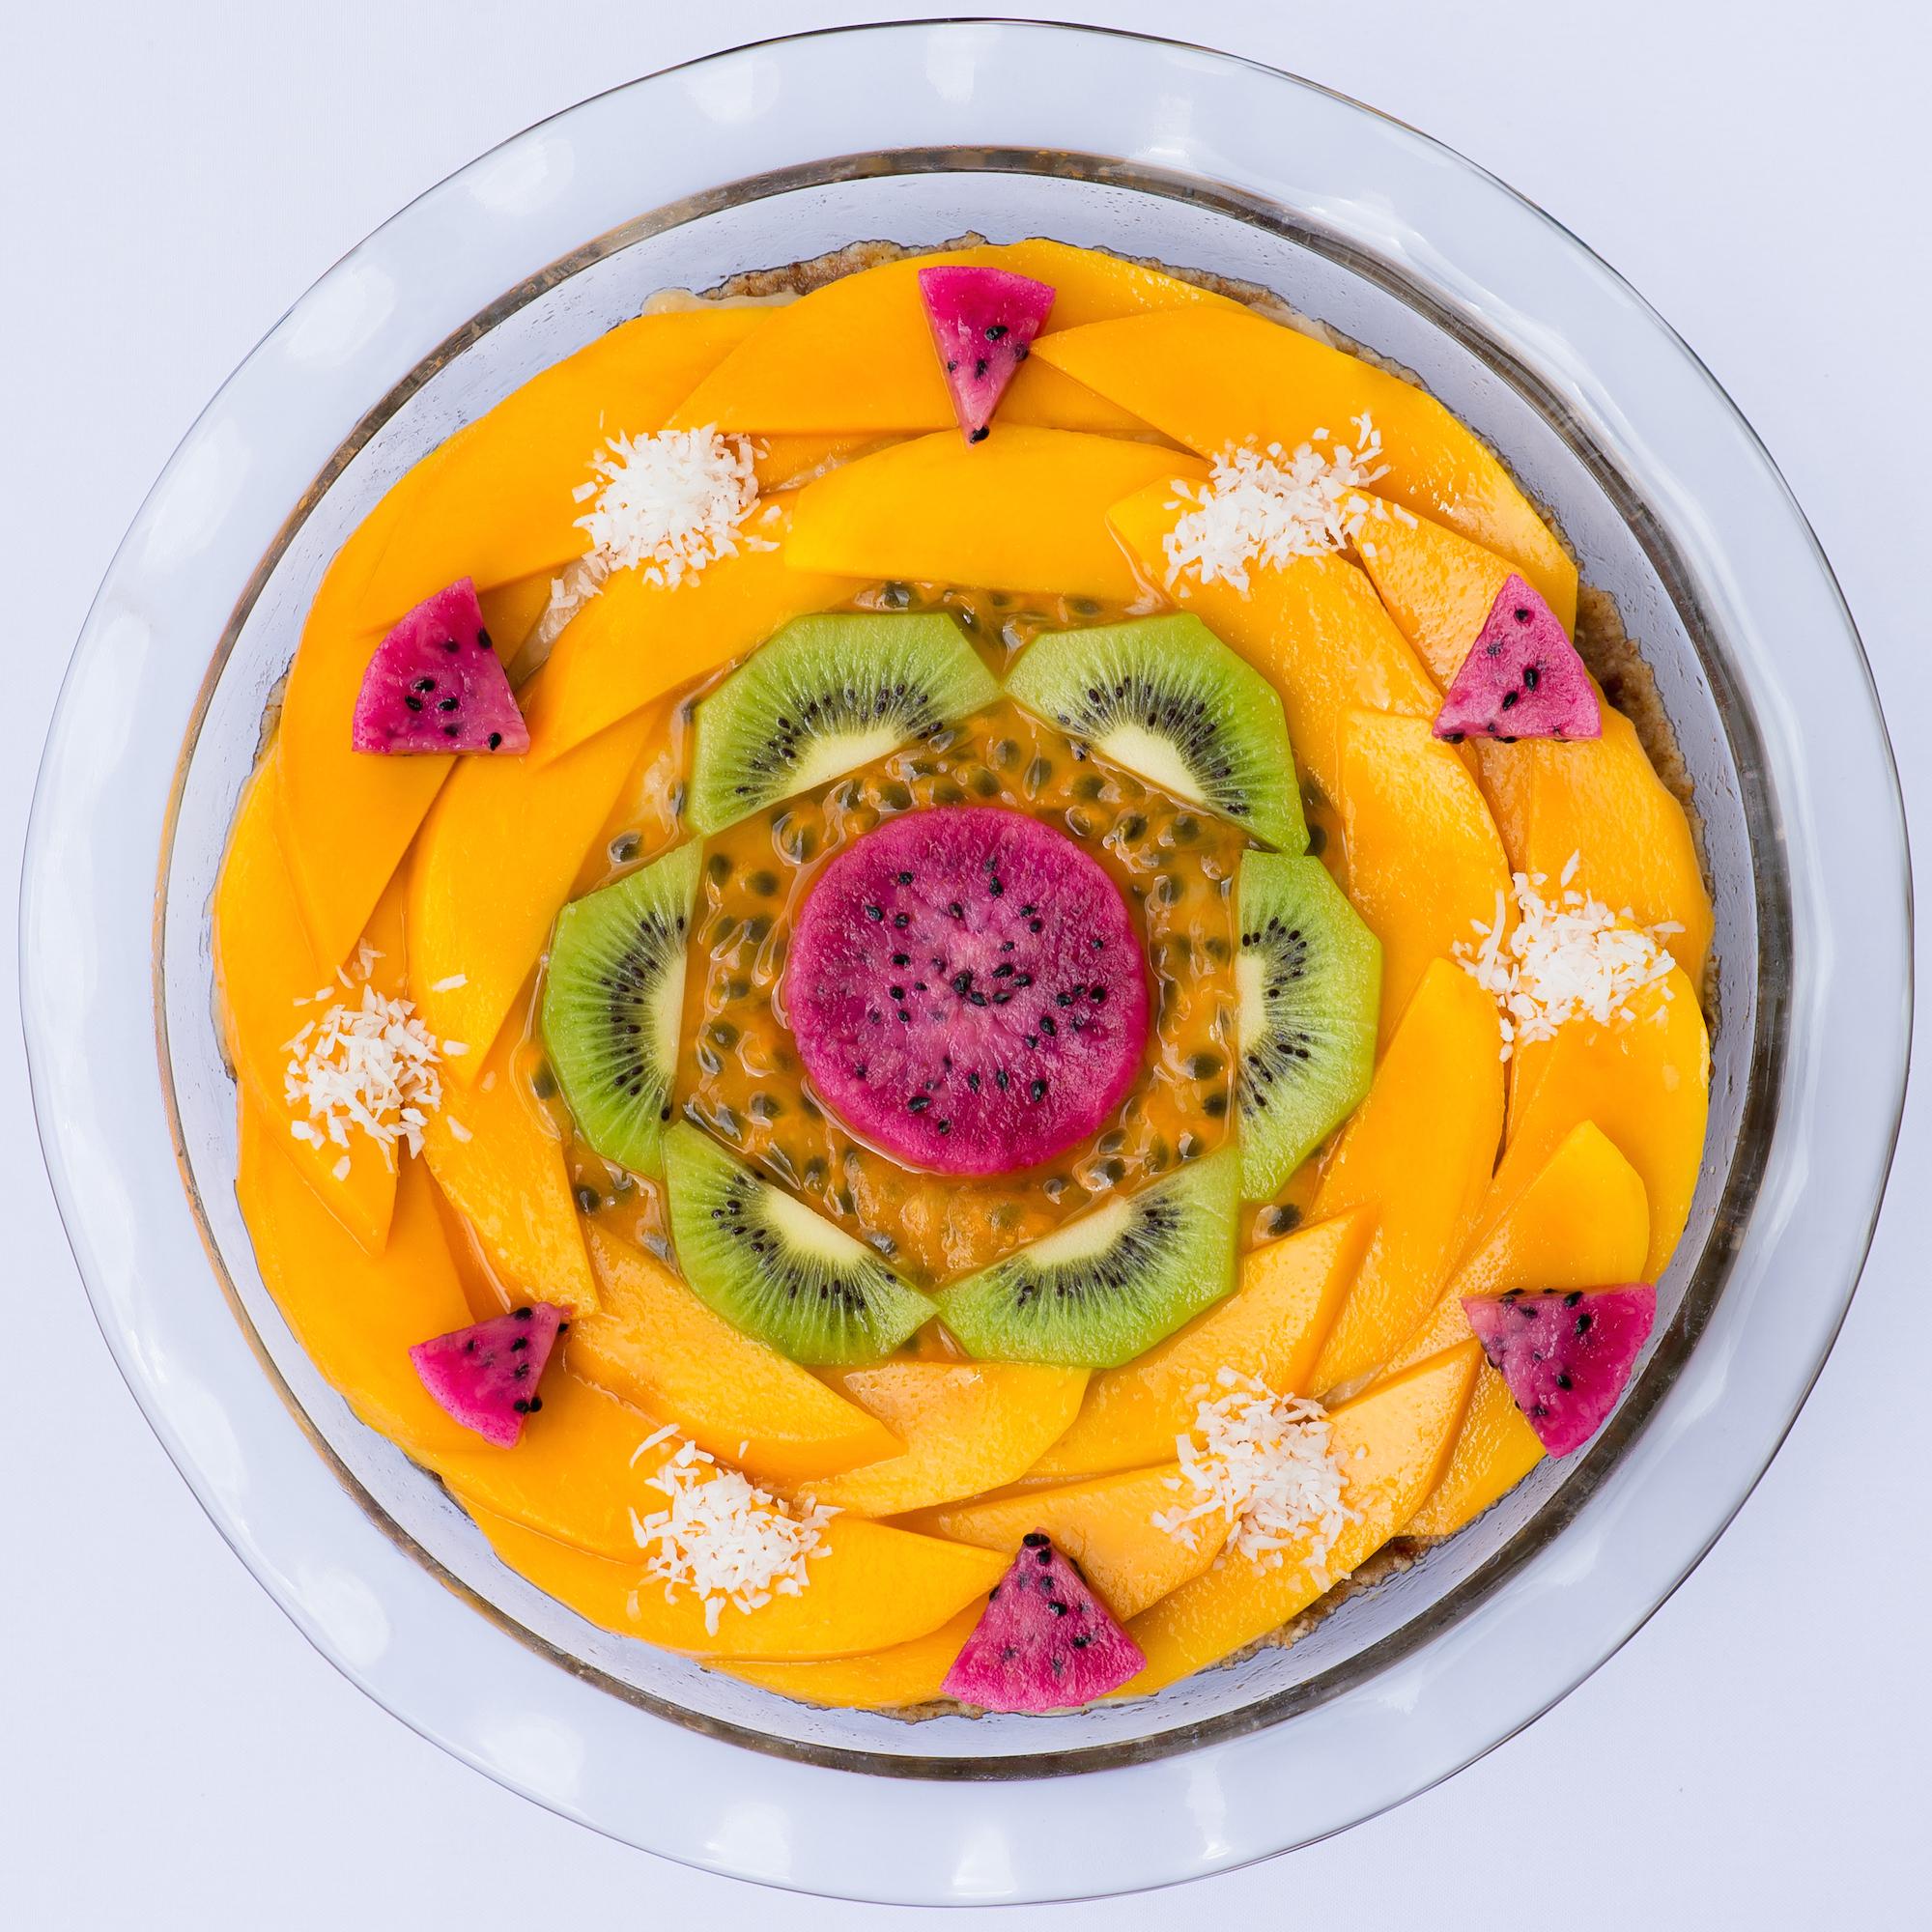 150613_134030_023_Fruit-Edit.jpg